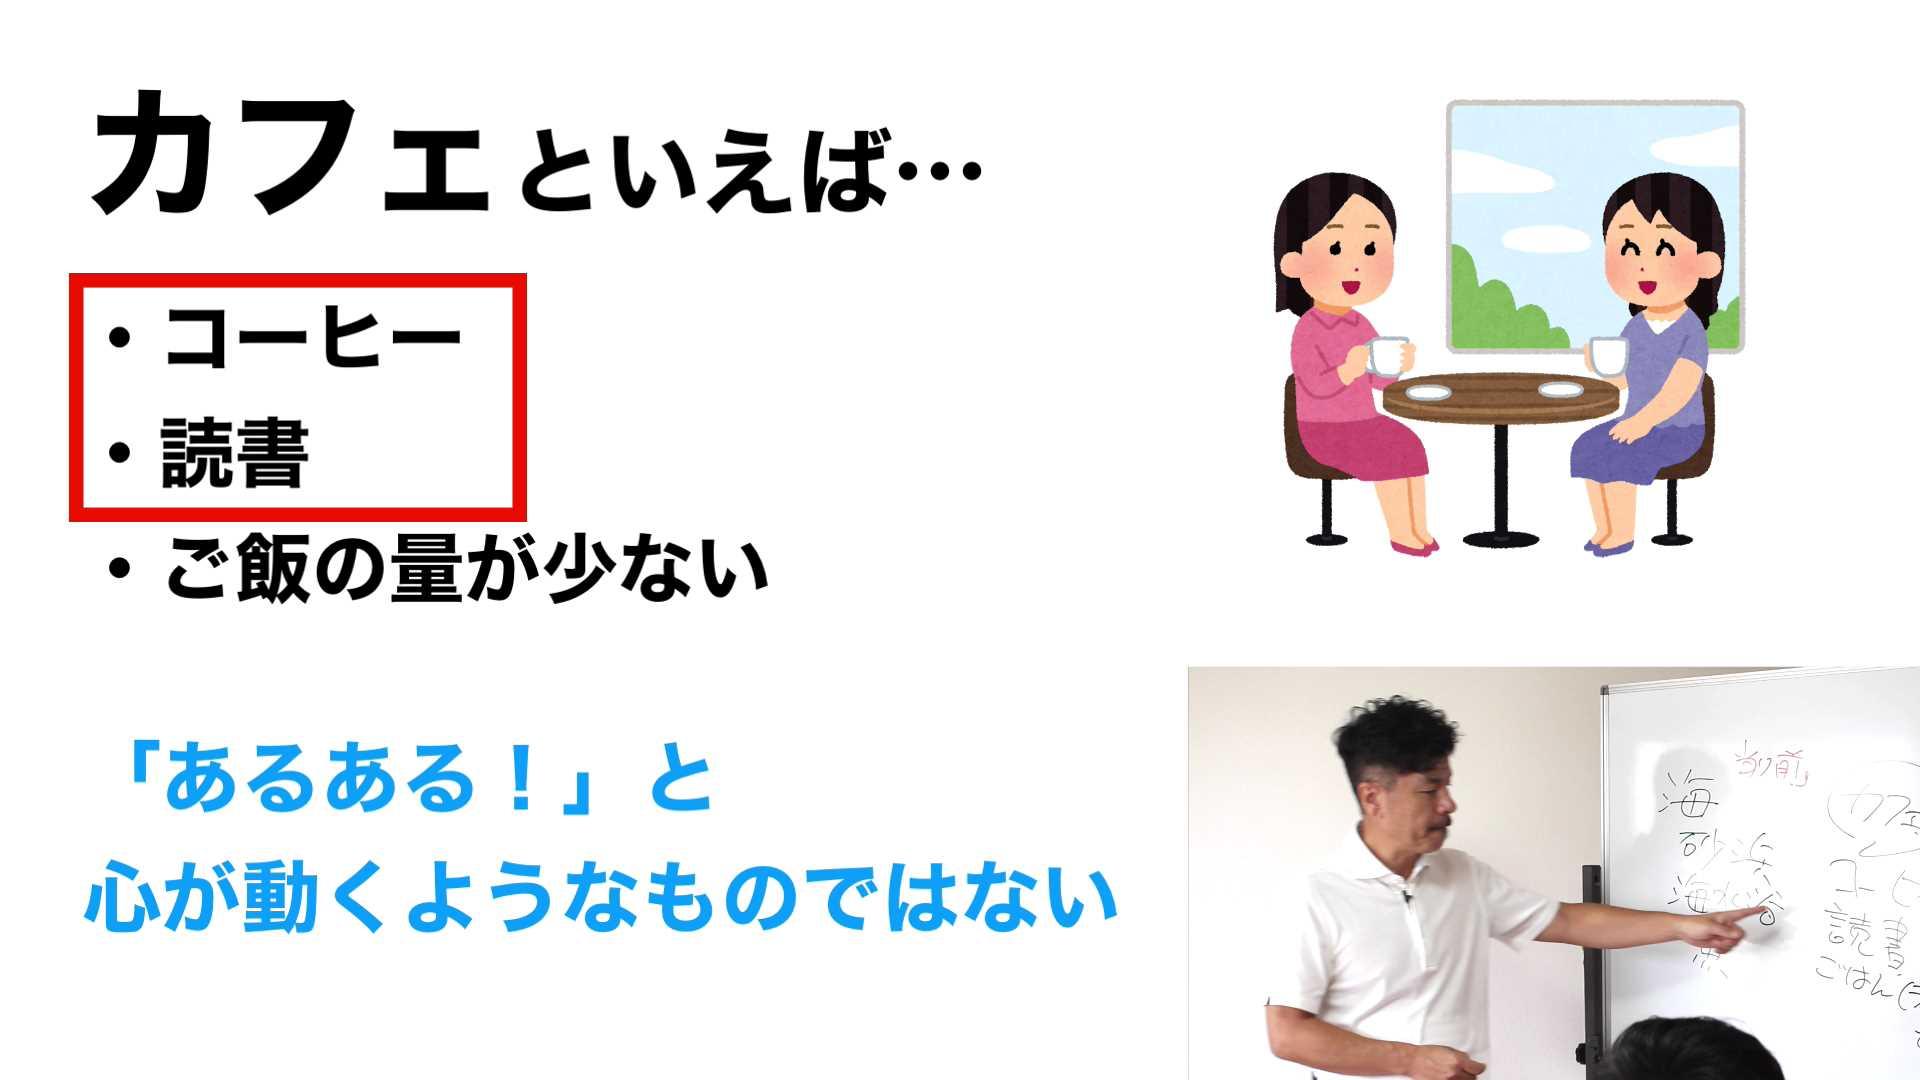 一流芸人が実践!「空気を読む力と会話術」ビジネスシーンで使う方法のワンシーン画像